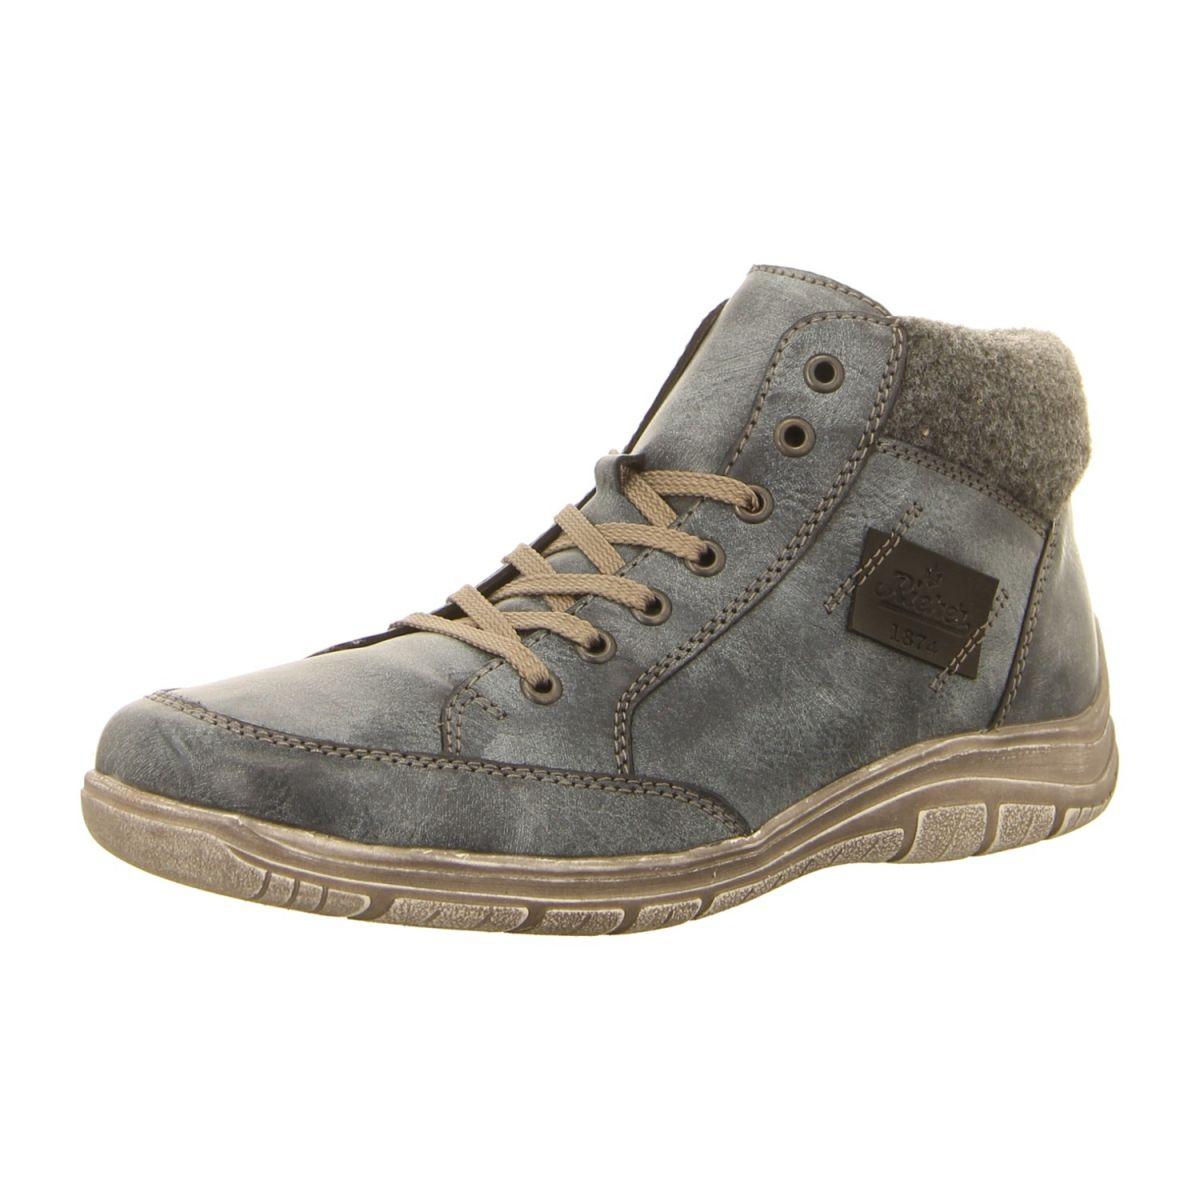 NEU: Rieker Stiefeletten F6513 15 grau | Schuhe damen